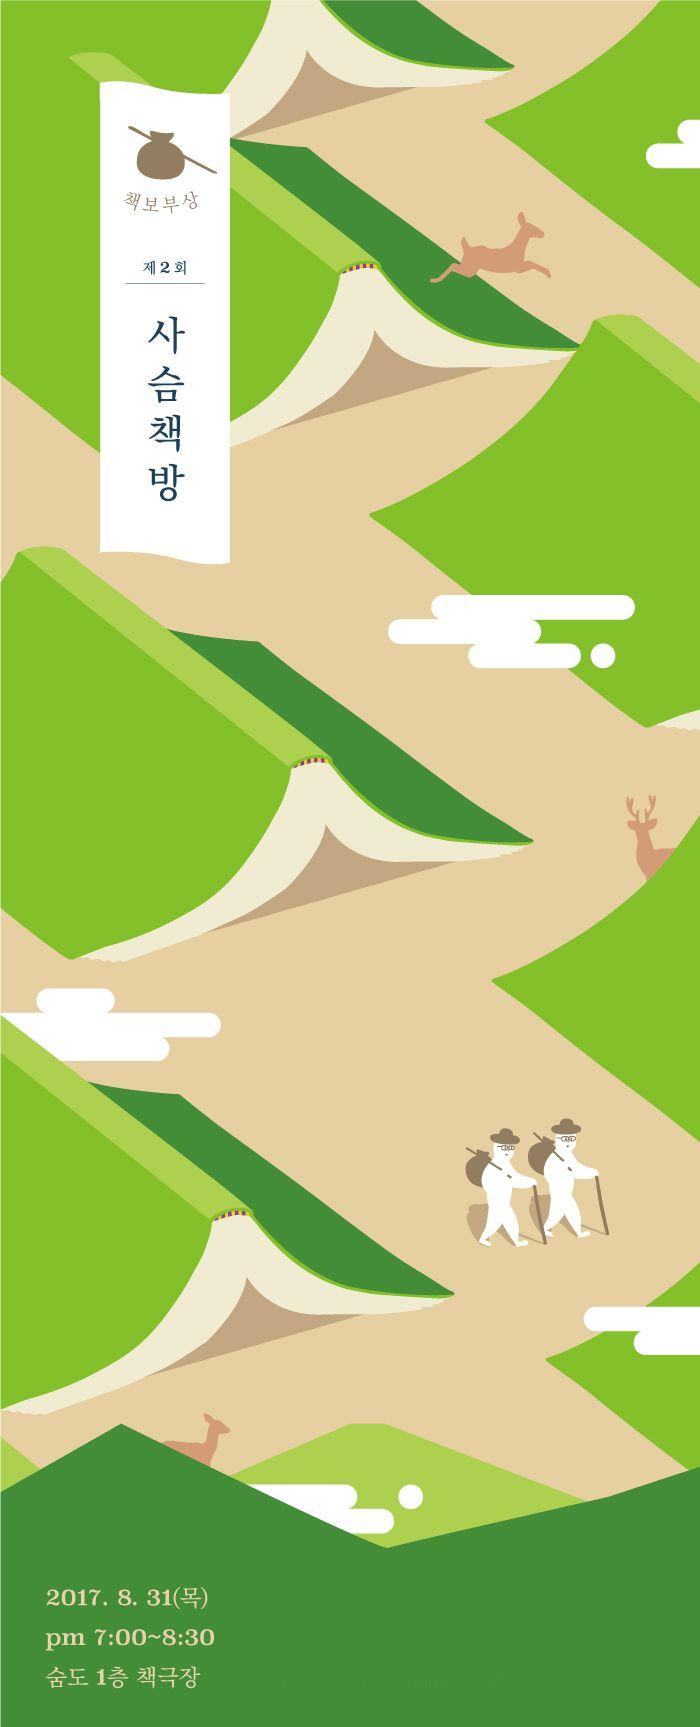 [문화공간 숨도] 책보부상이 발품팔아 고른 책 <책보부상 2회 _ 사슴책방>(1)